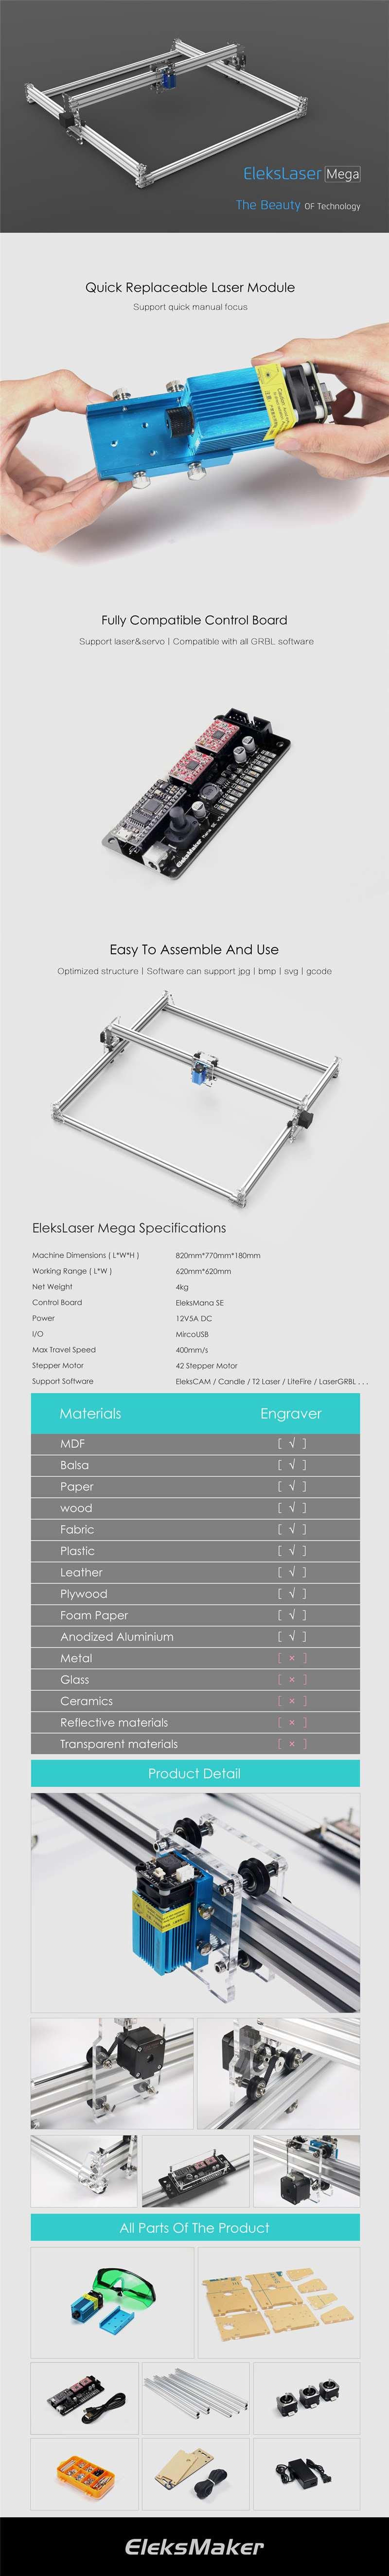 EleksMaker 62x62cm EleksLaser-Mega 5 5W/7W 445nm Laser Engraving Machine  CNC Laser Printer New